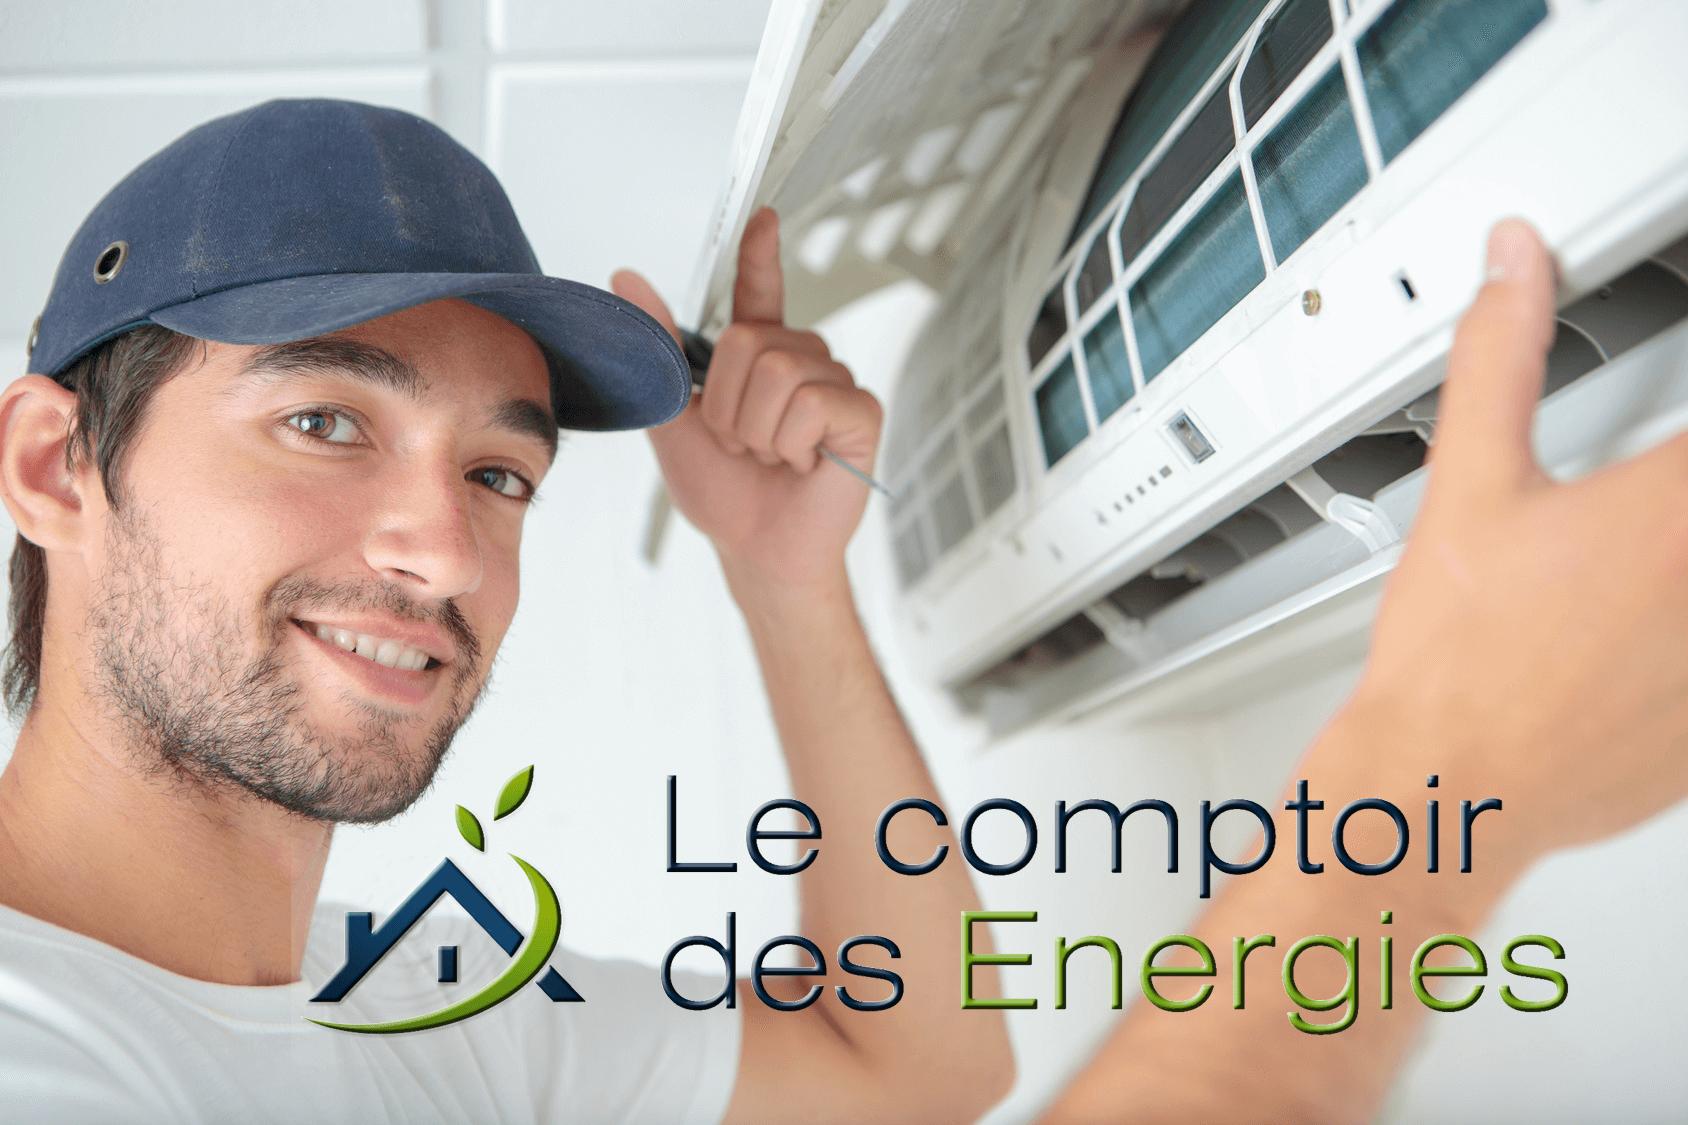 lecomptoirdesenergies votre solution confort pour la maison le comptoir des energies. Black Bedroom Furniture Sets. Home Design Ideas